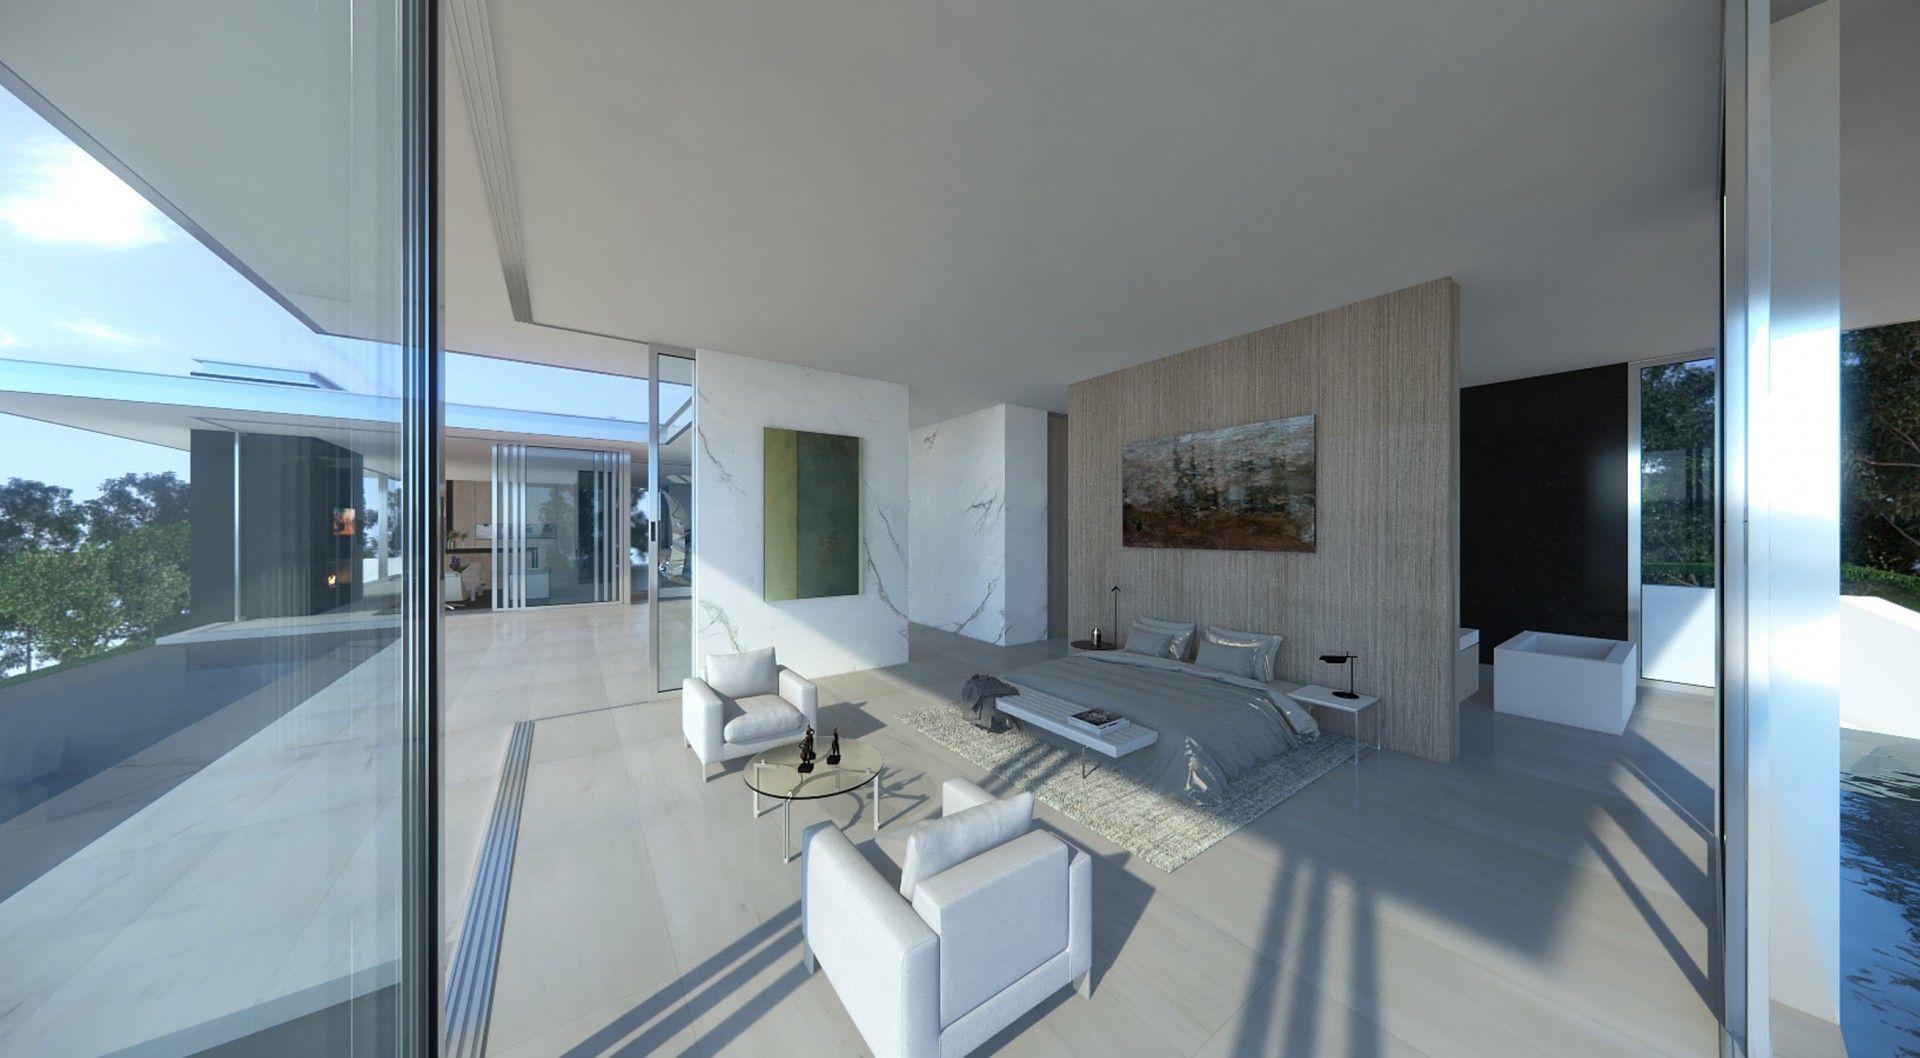 Los Ángeles, Laguna Beach Proyectos de Arquitectura Contemporánea | McClean Diseño